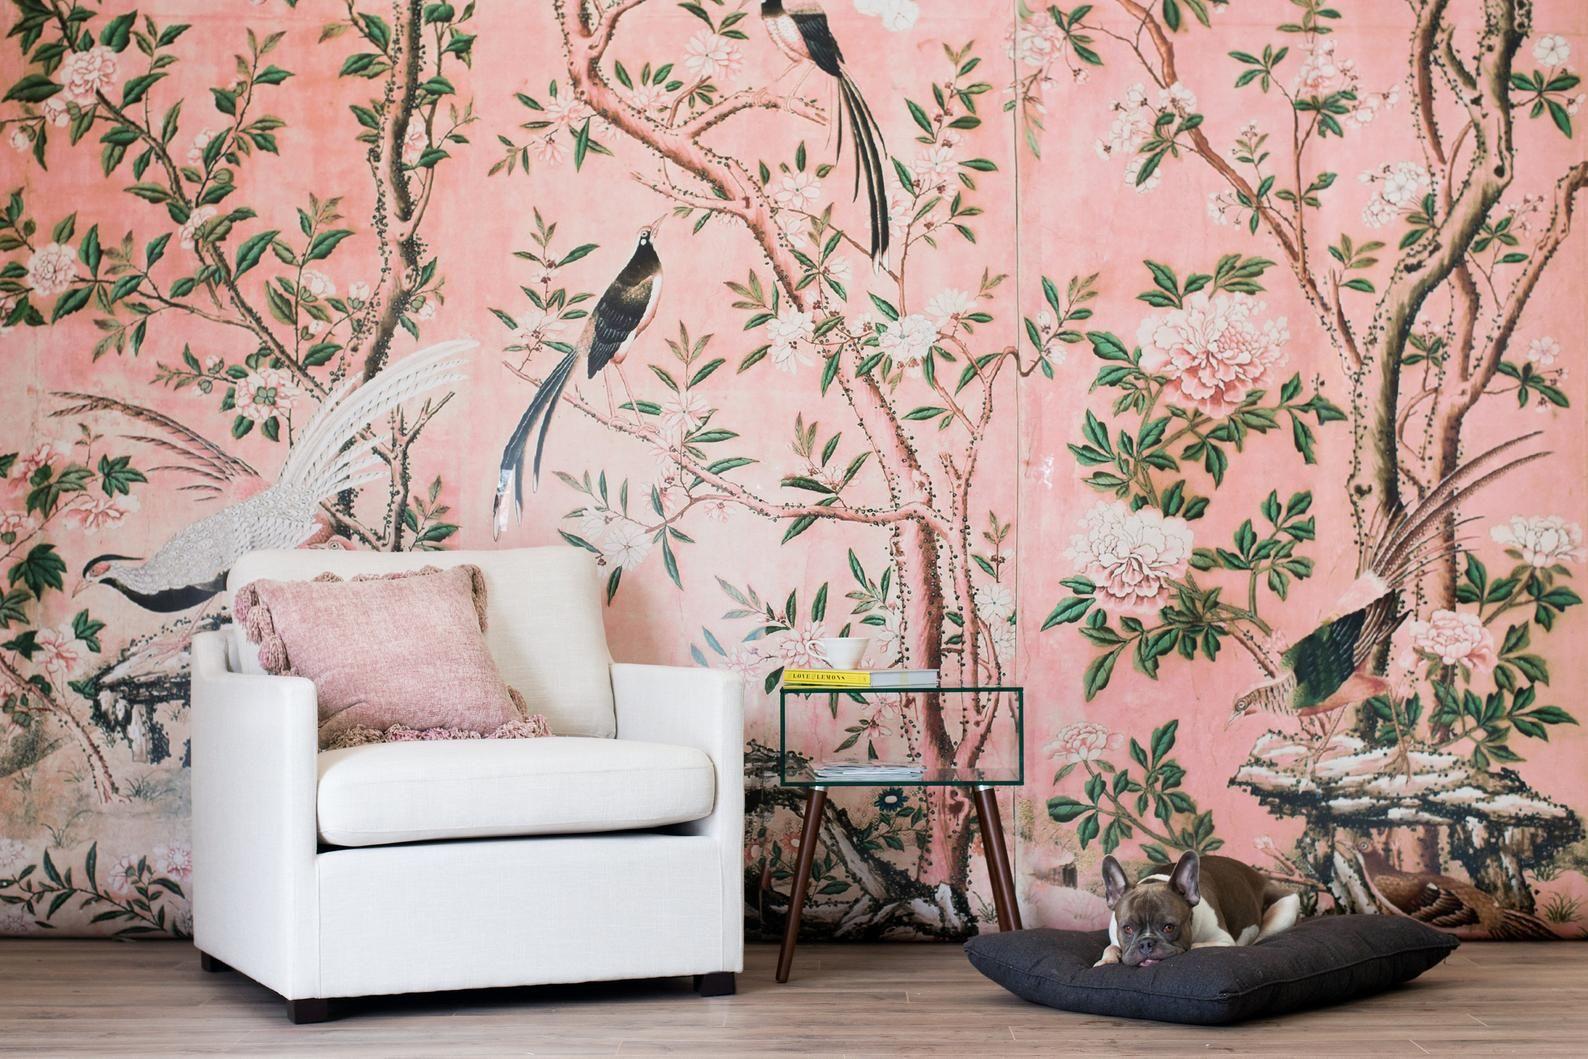 Magnolia Wallpaper Chinoiserie Retro Wallpaper (With